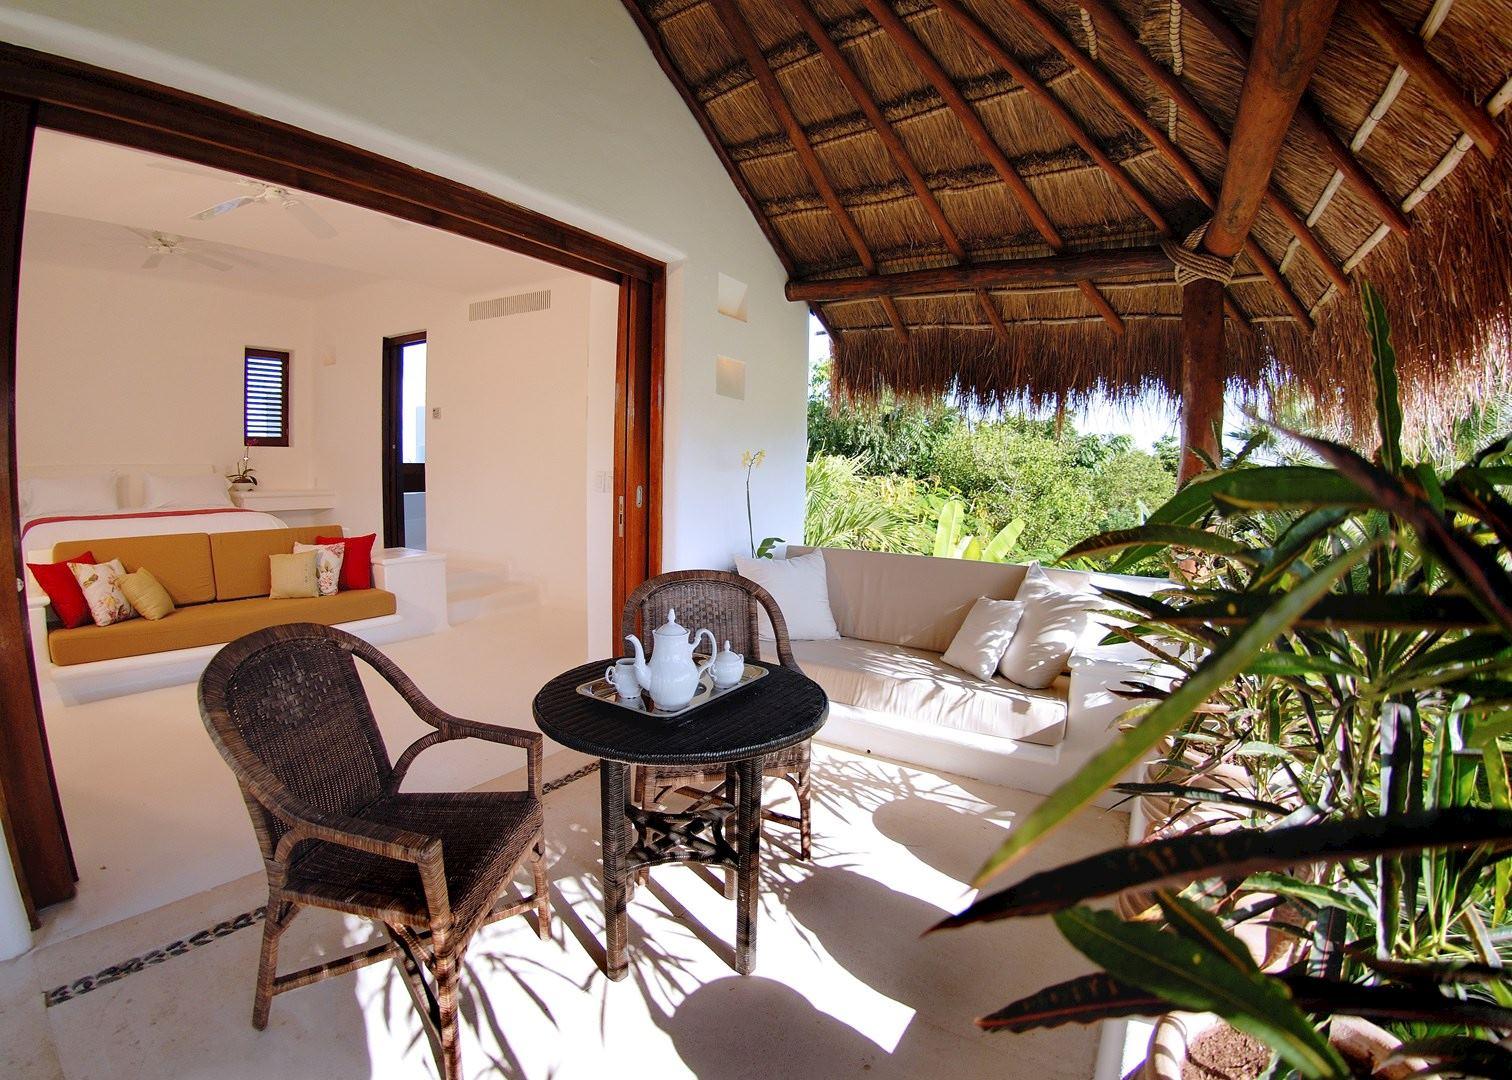 Luxury Beach Resorts Tulum Mexico Construit pour ê tre la demeure dune Duchesse i talienne Hôtel Esencia est un lieu o ù les traditions du passé s